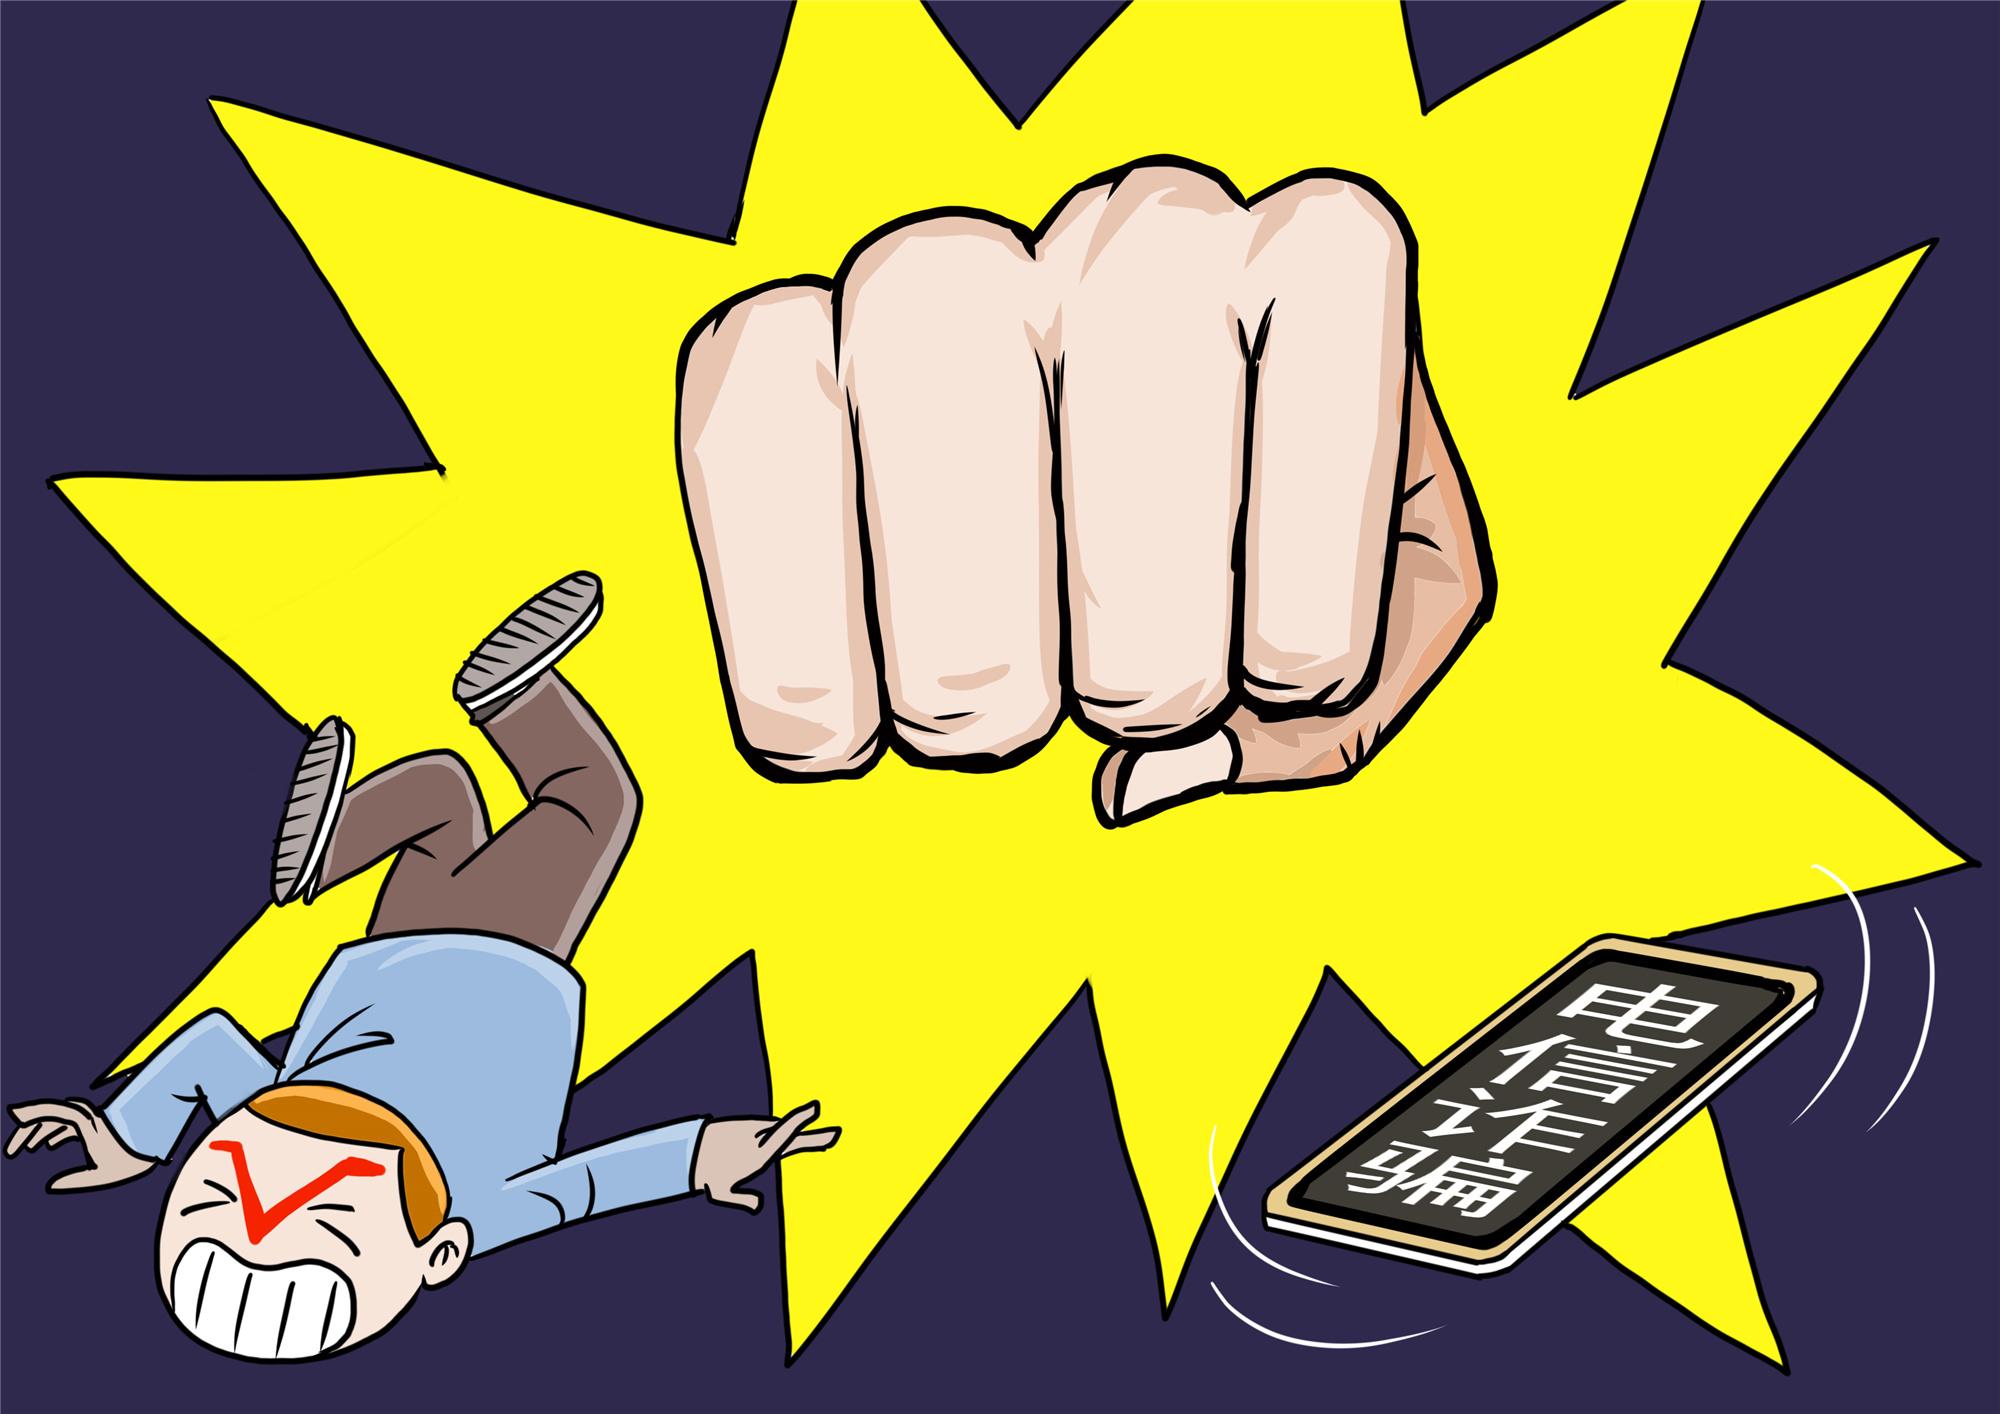 打击电信网络诈骗不手软